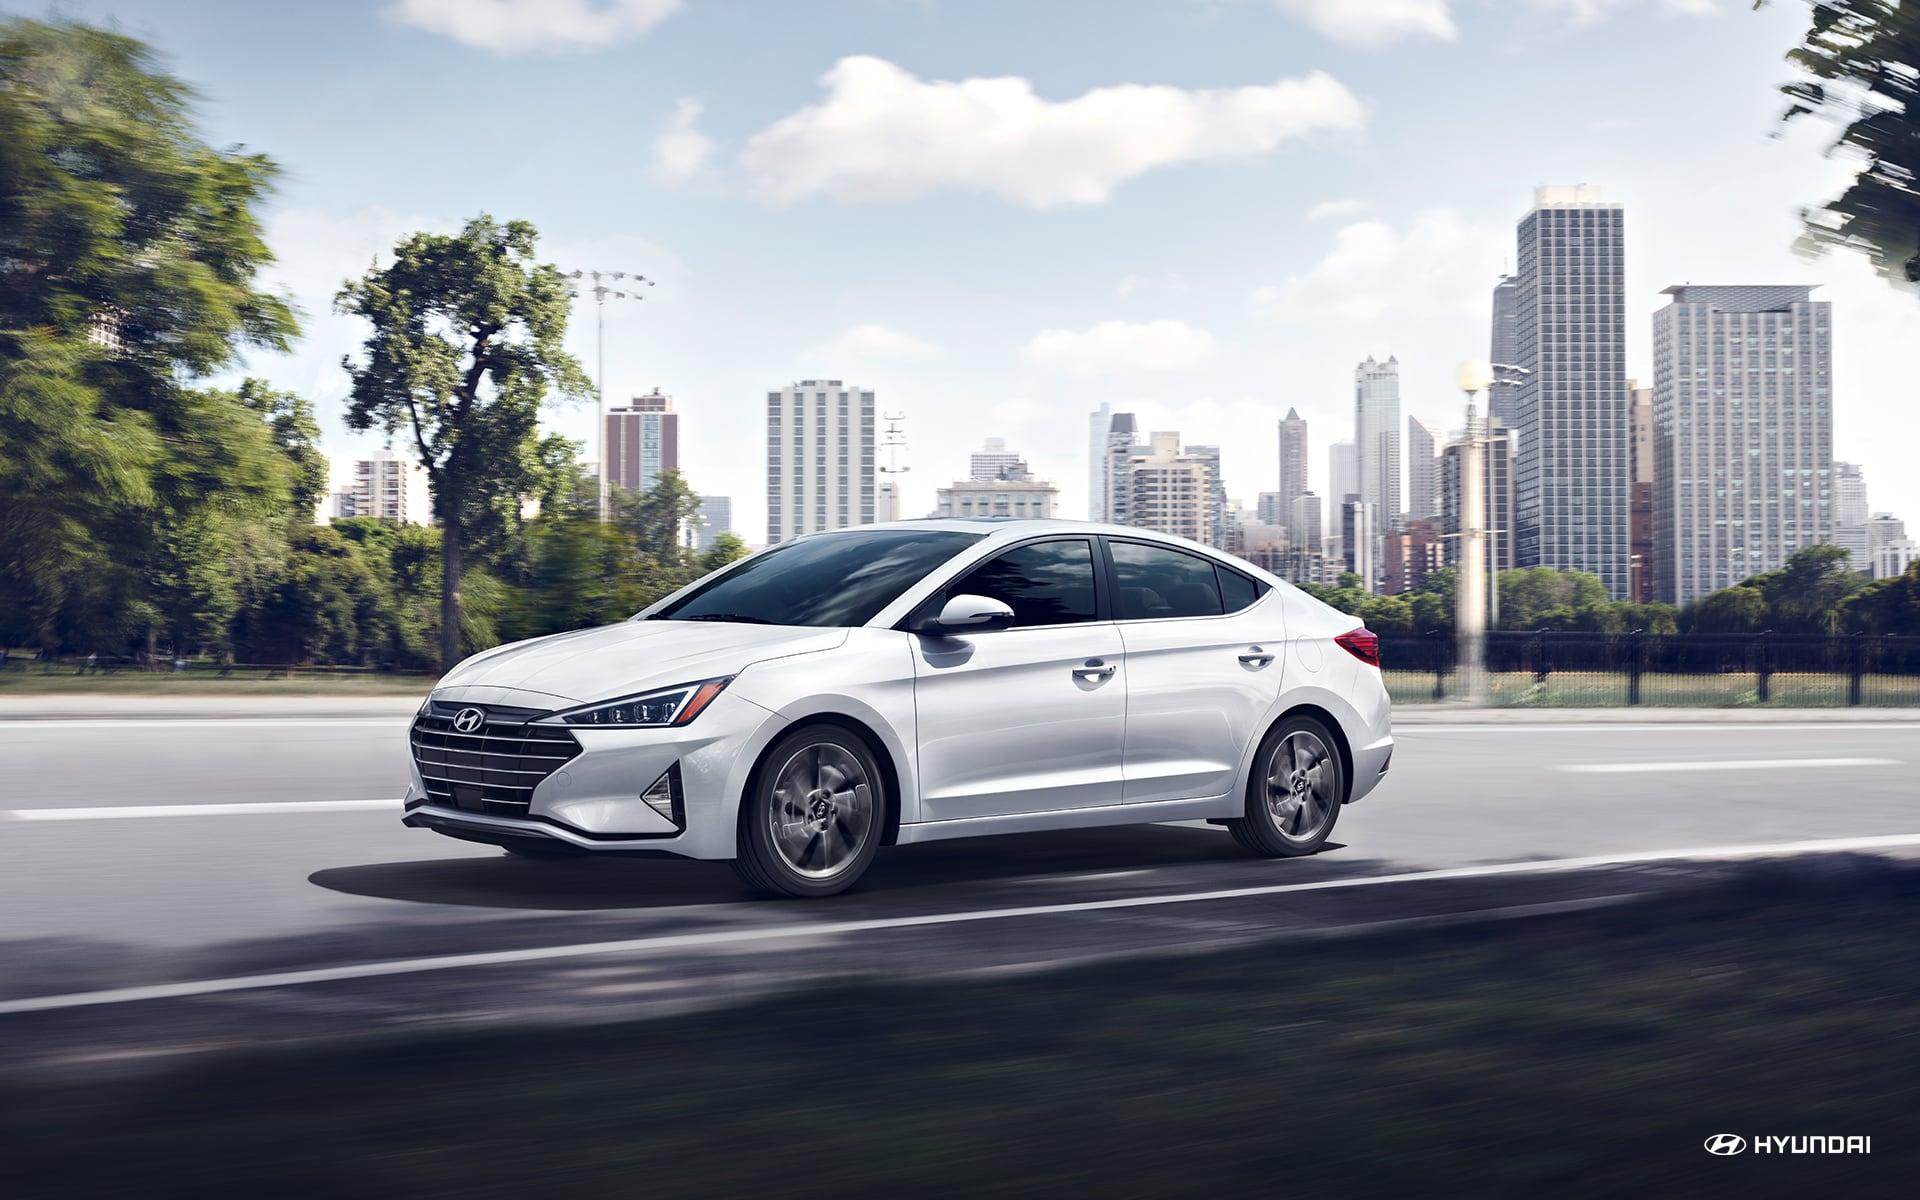 2020 Hyundai Elantra Front White Exterior